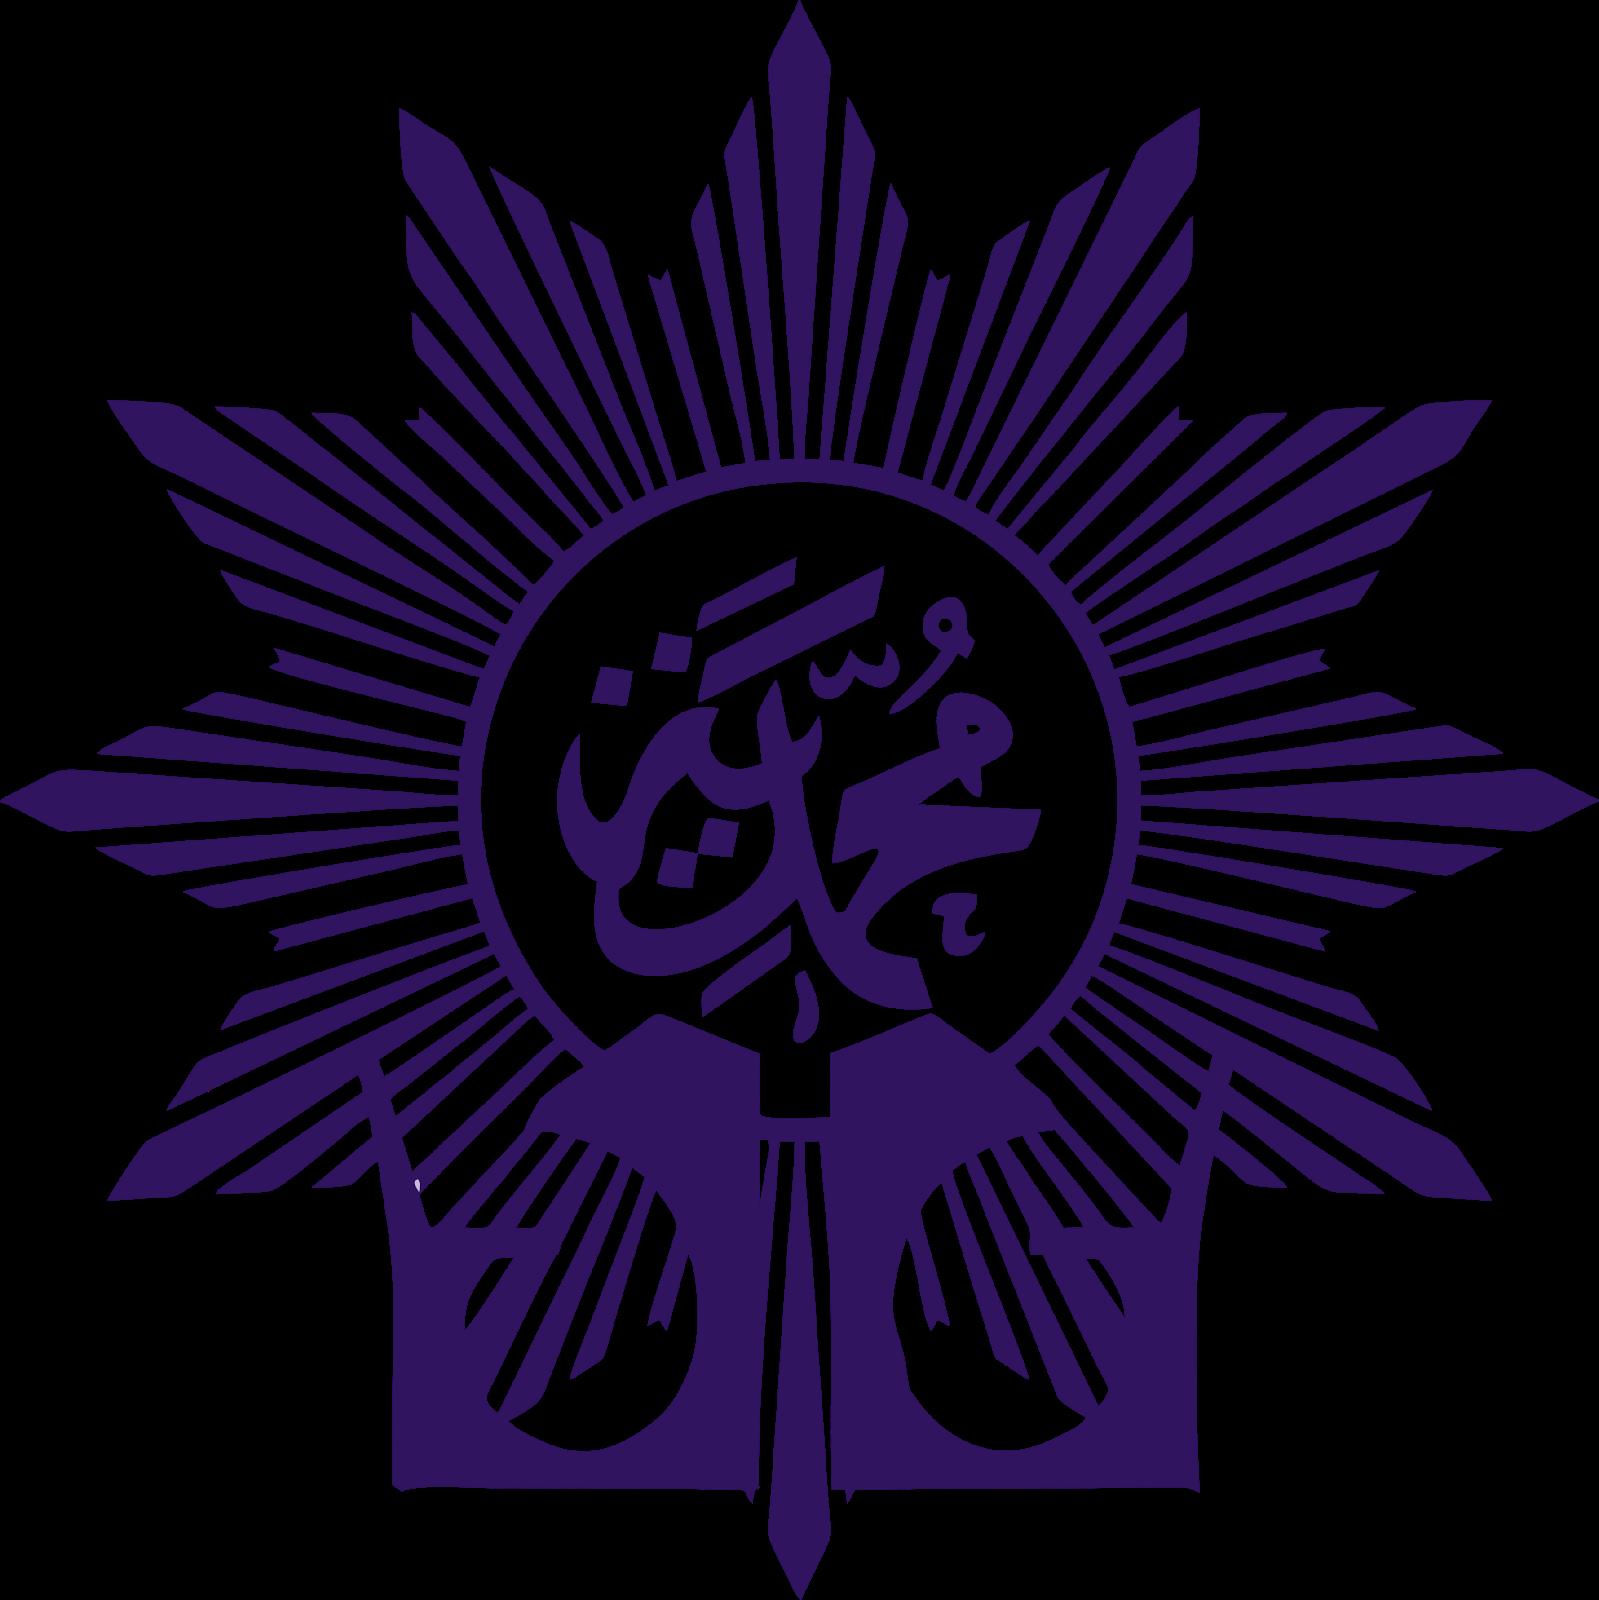 Logo Dikdasmen Muhammadiyah PNG